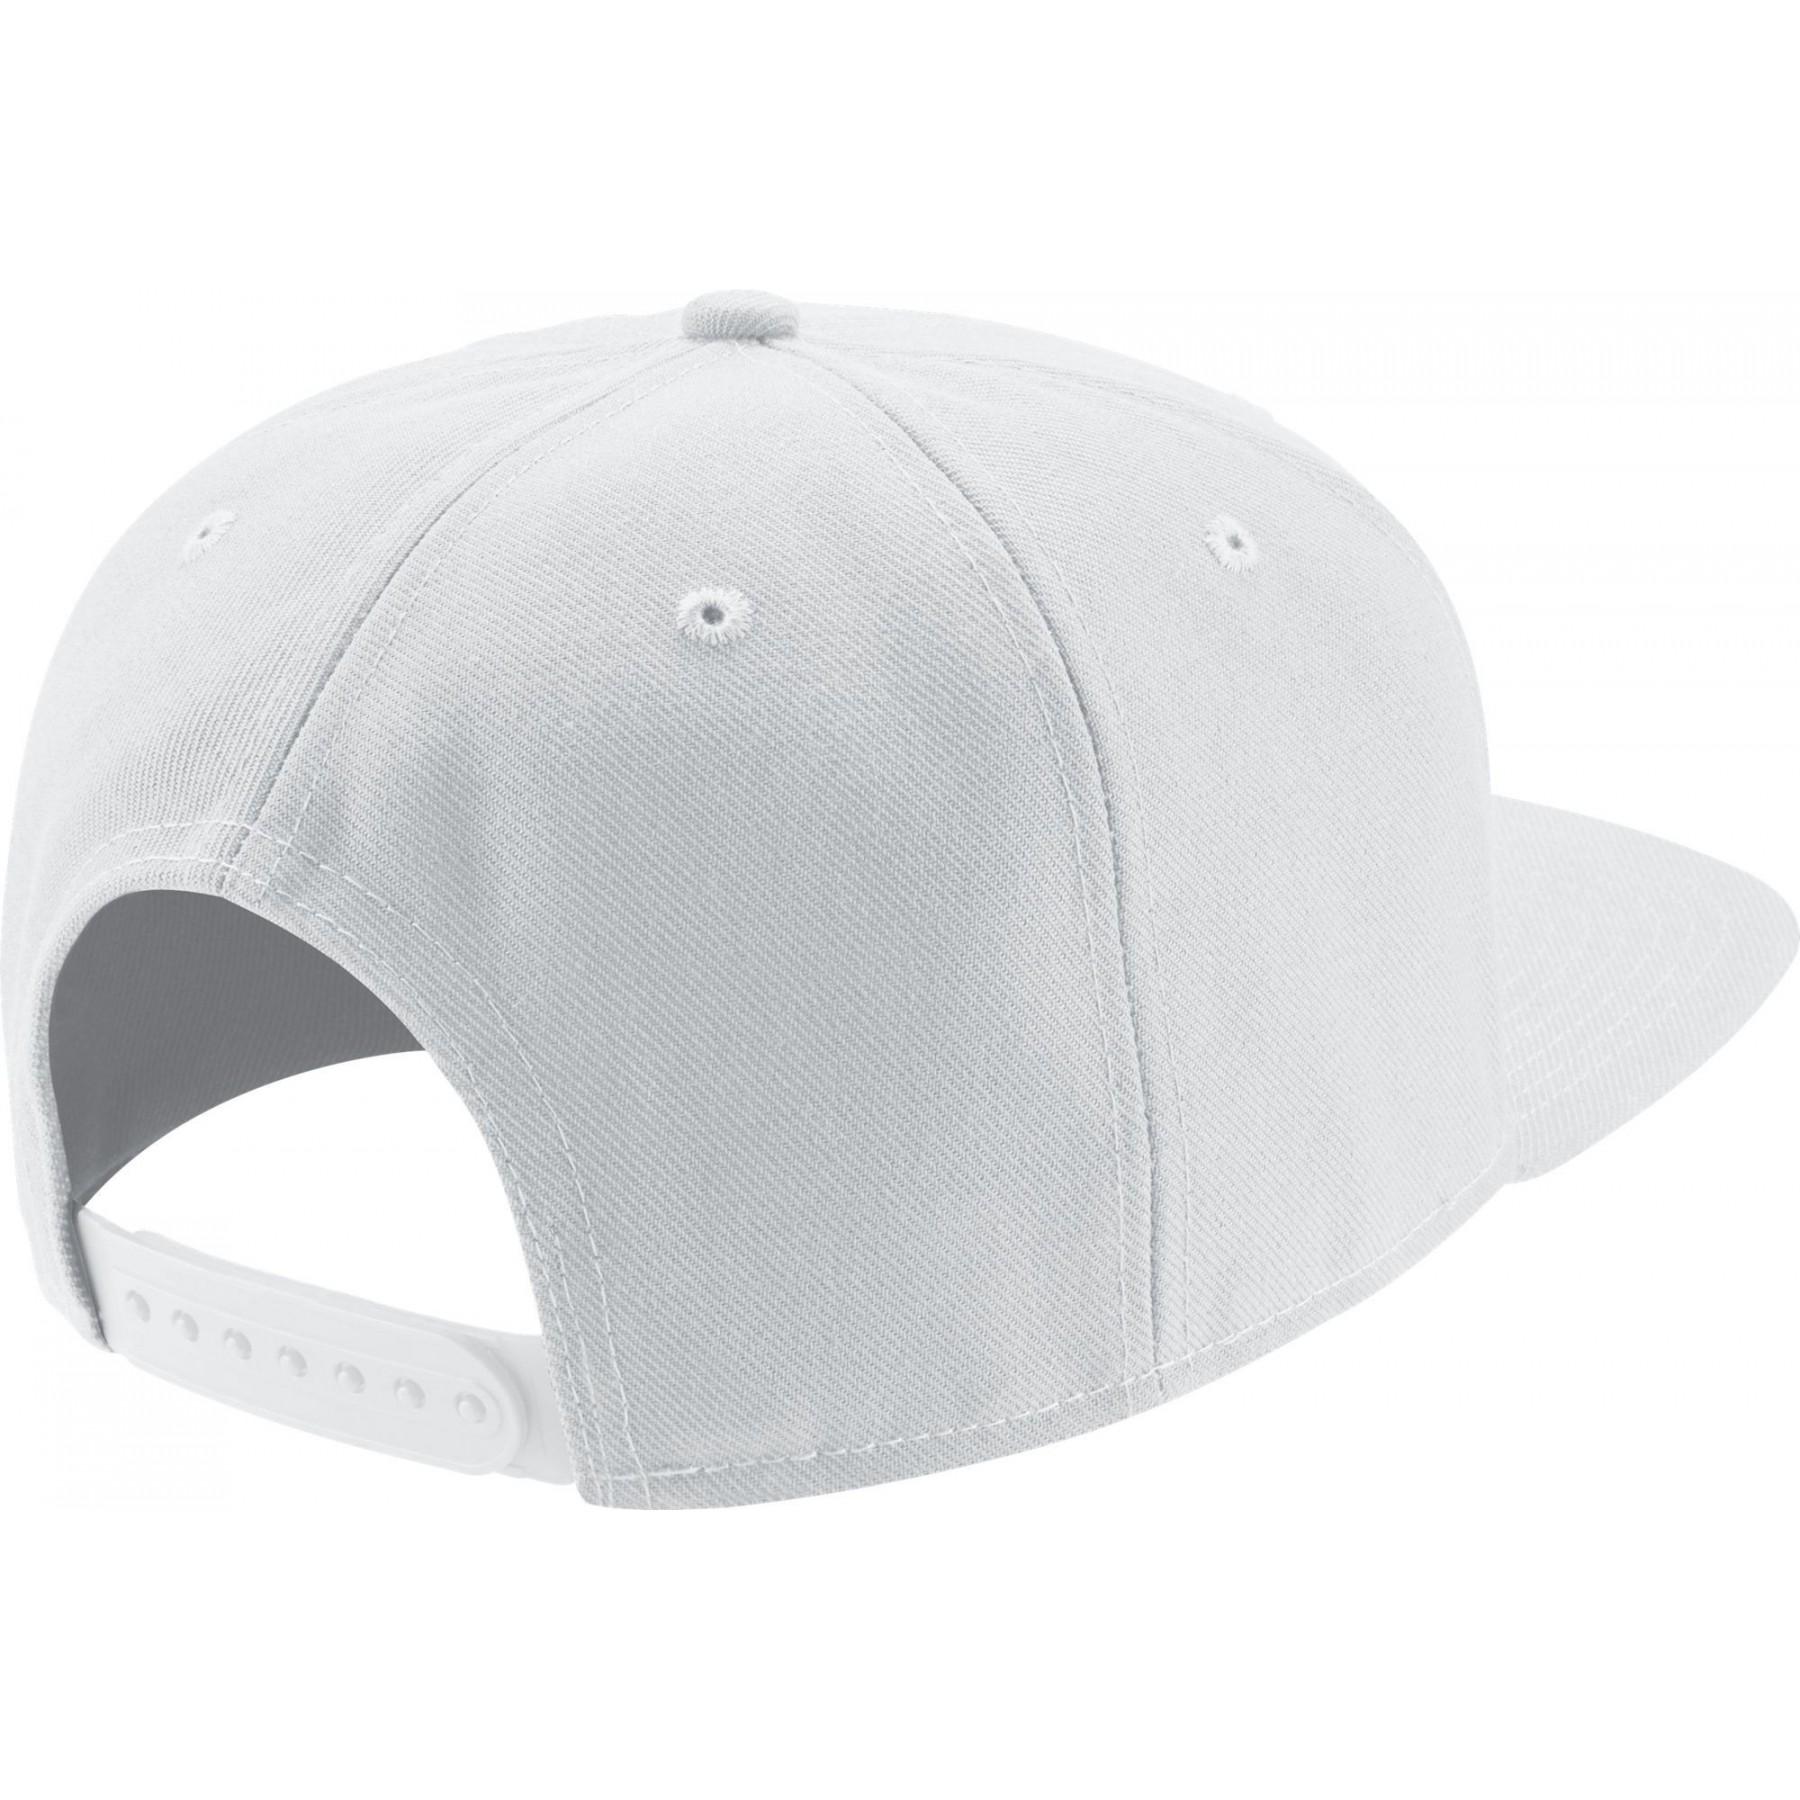 foto ufficiali ultimo design arriva nuovo CAPPELLO SNAPBACK NIKE PRO CAP SWOOSH CLASSIC BIANCO/NERO ...